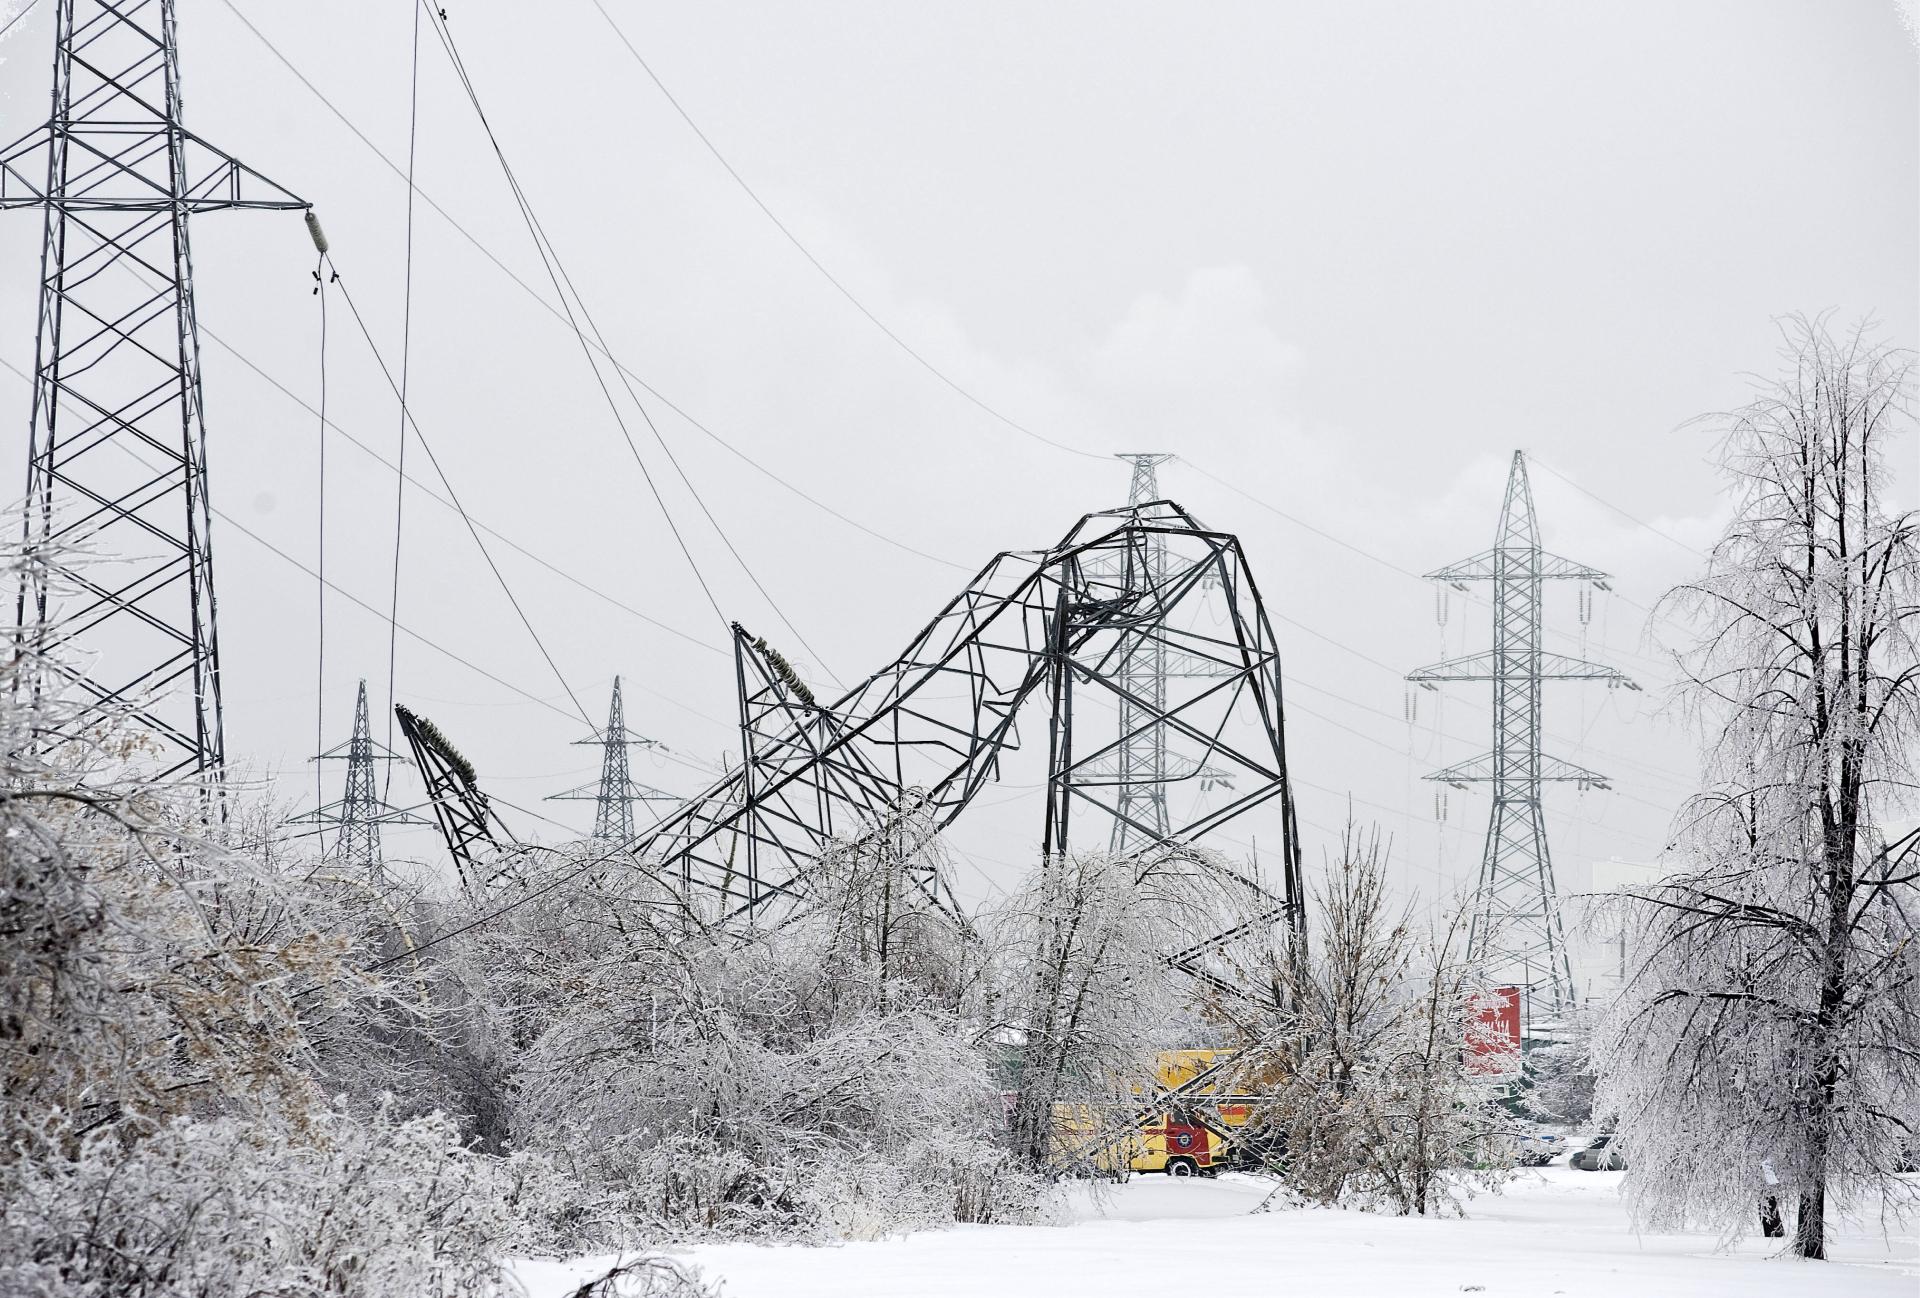 В результате обледенения упали опоры ЛЭП на юге Москвы. 29 декабря 2010 года